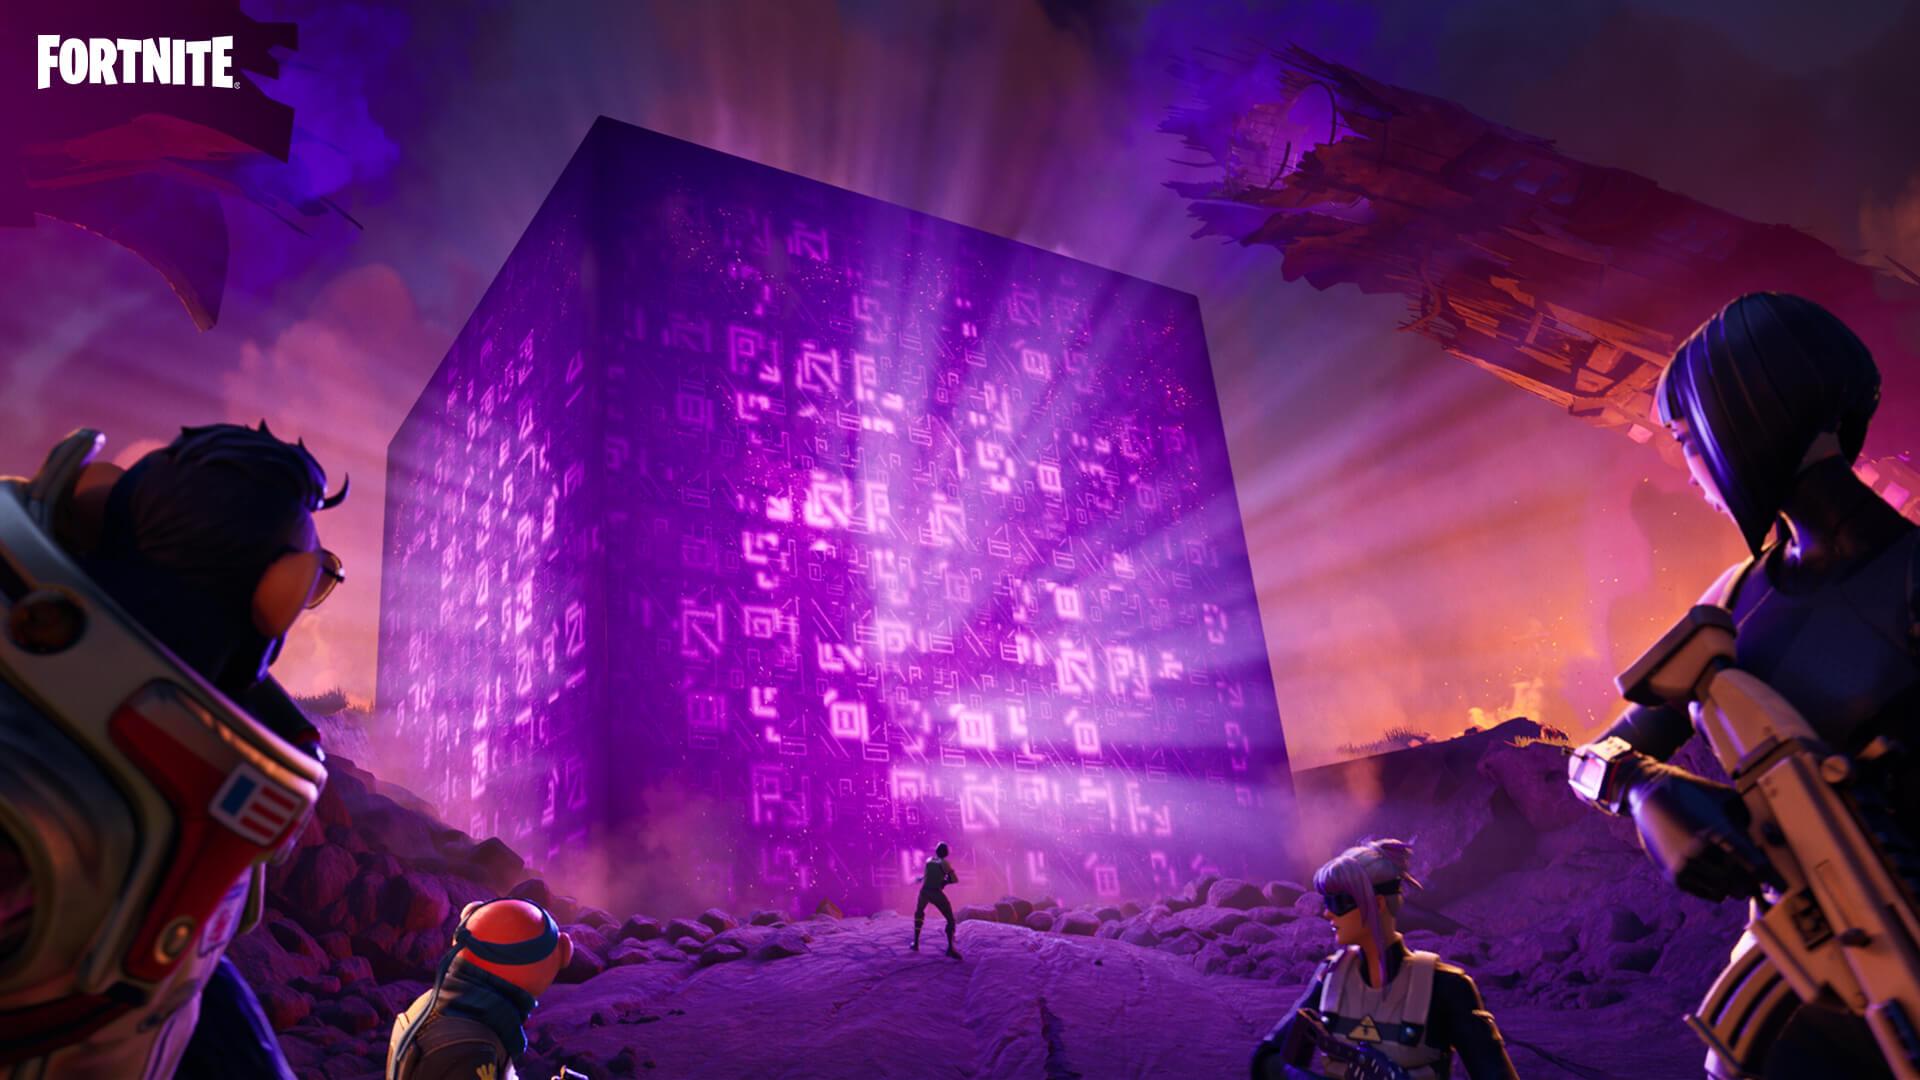 Fortnite Fortnitemares Cubes